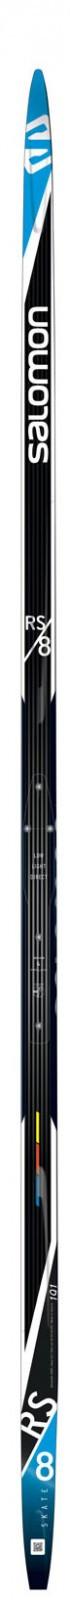 Salomon RS 8 Extra Stiff